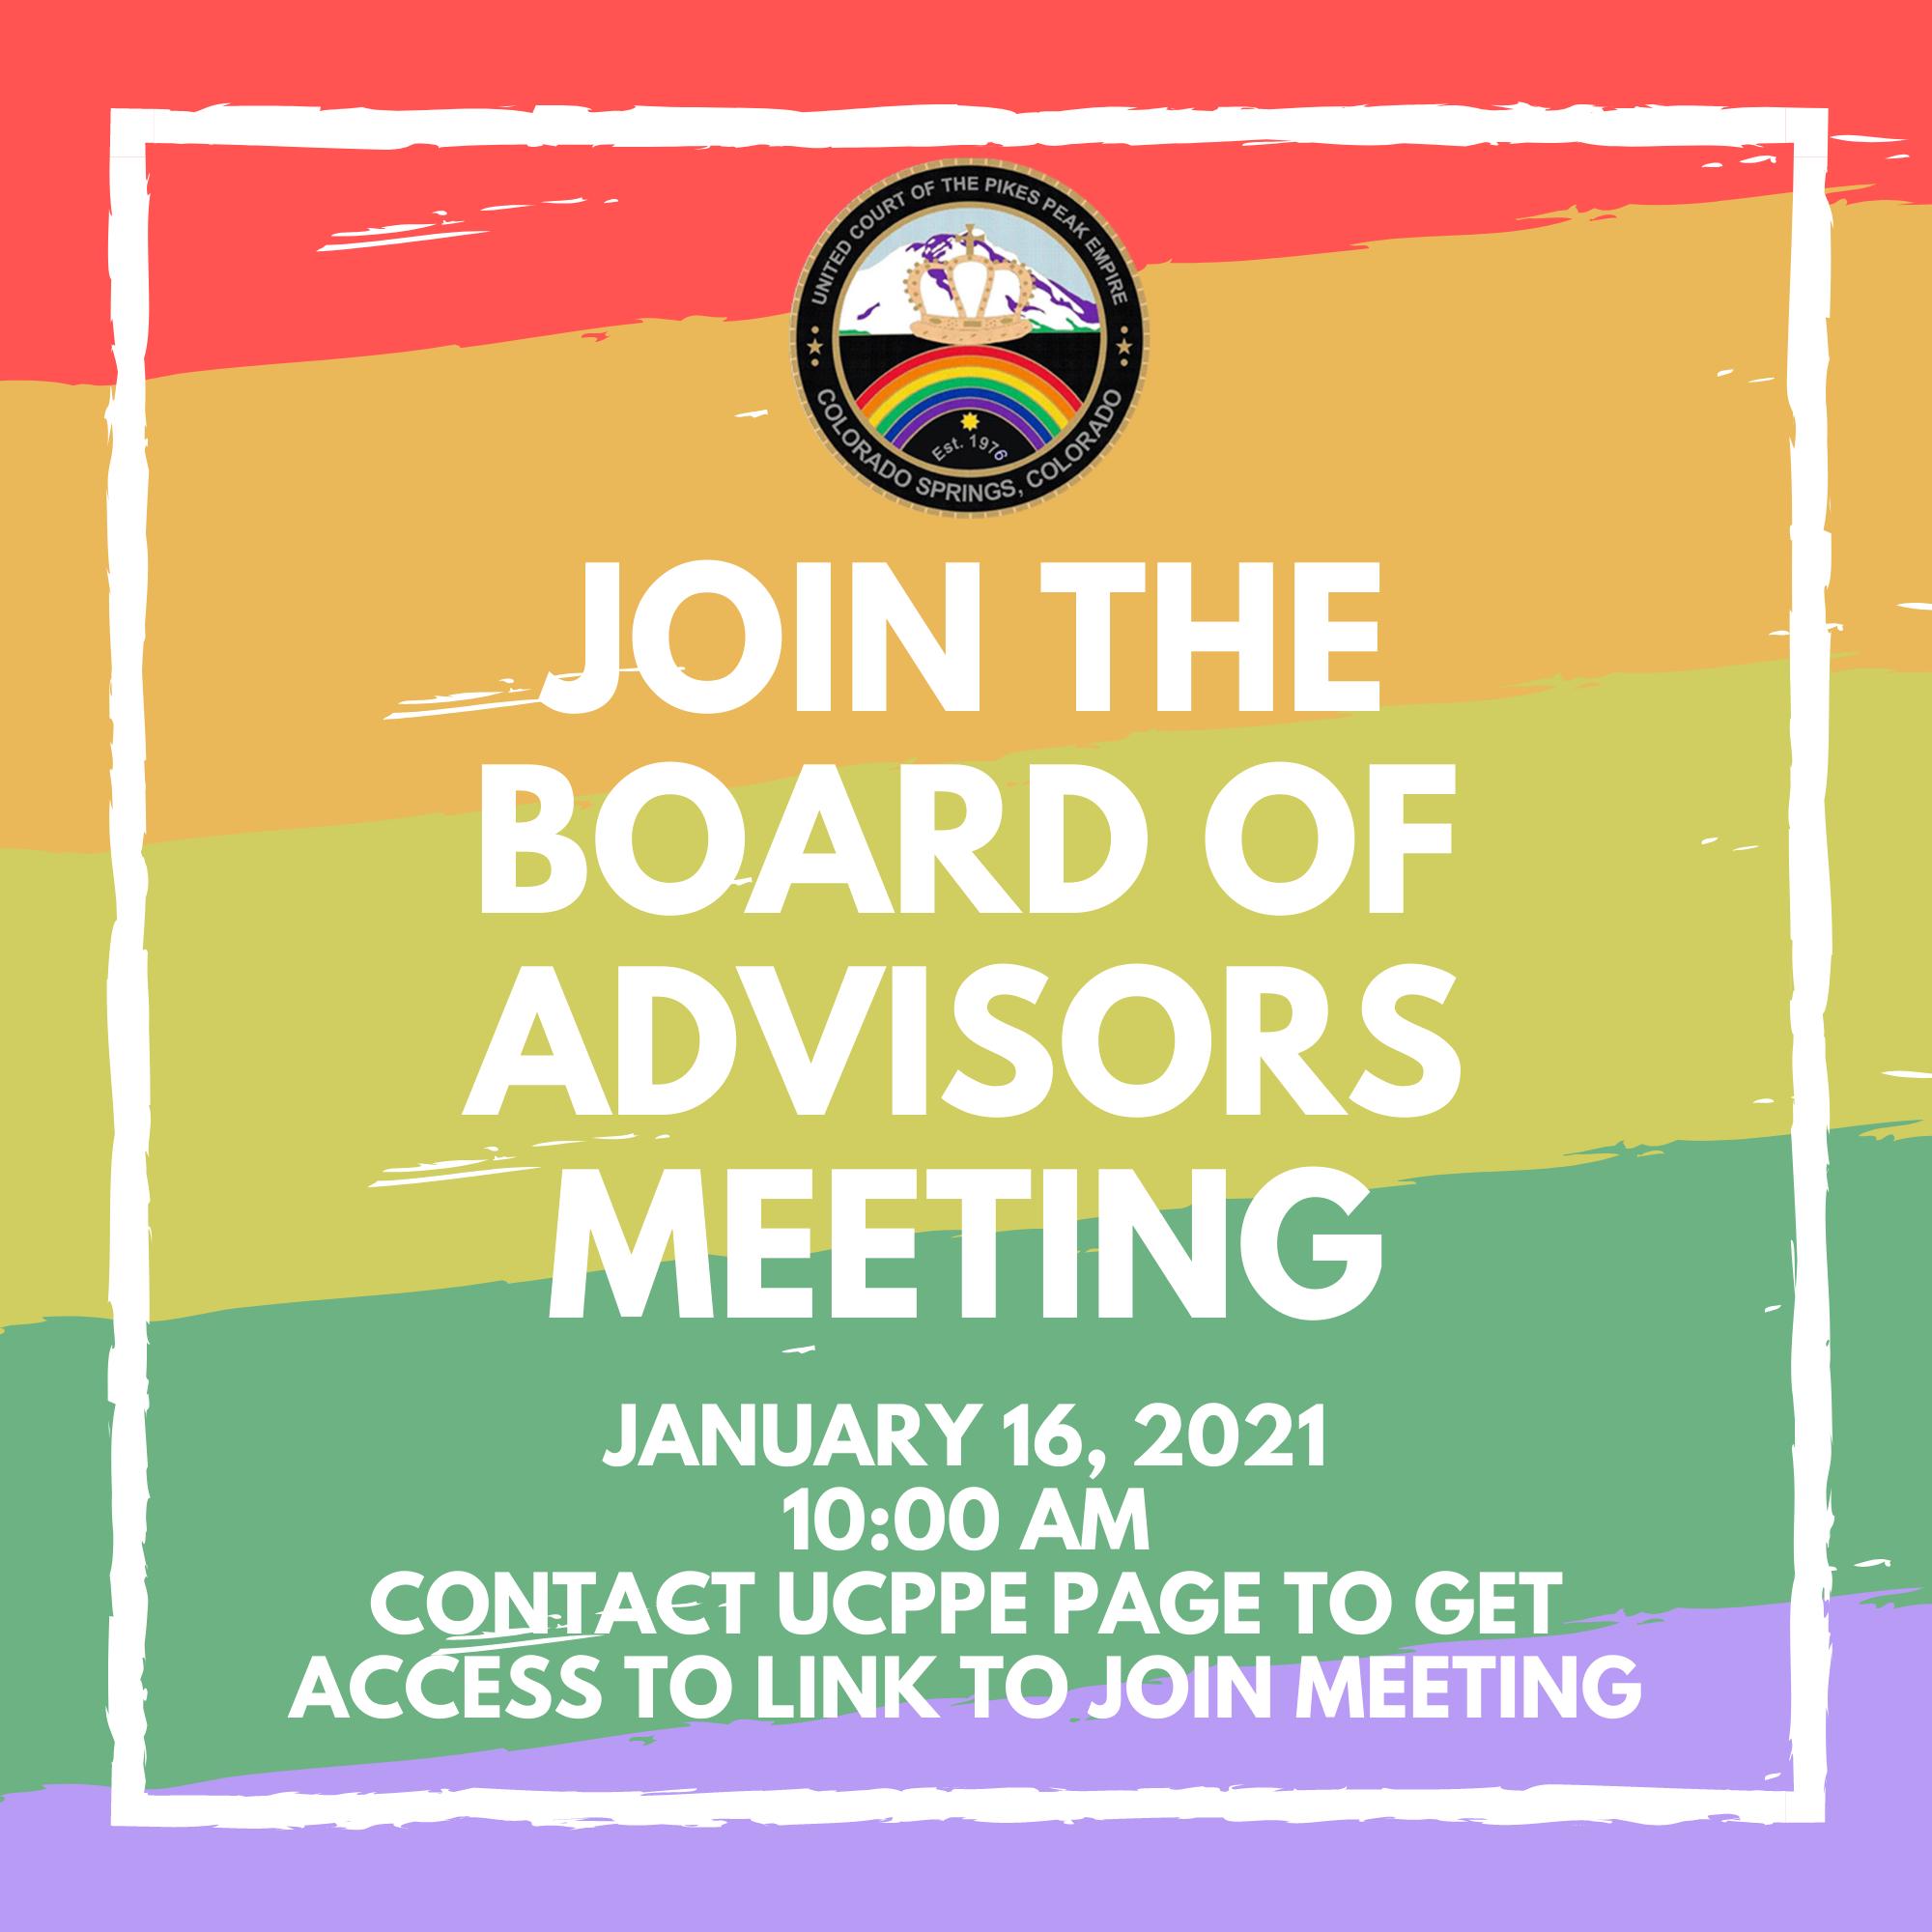 boa meeting jan 16 2021